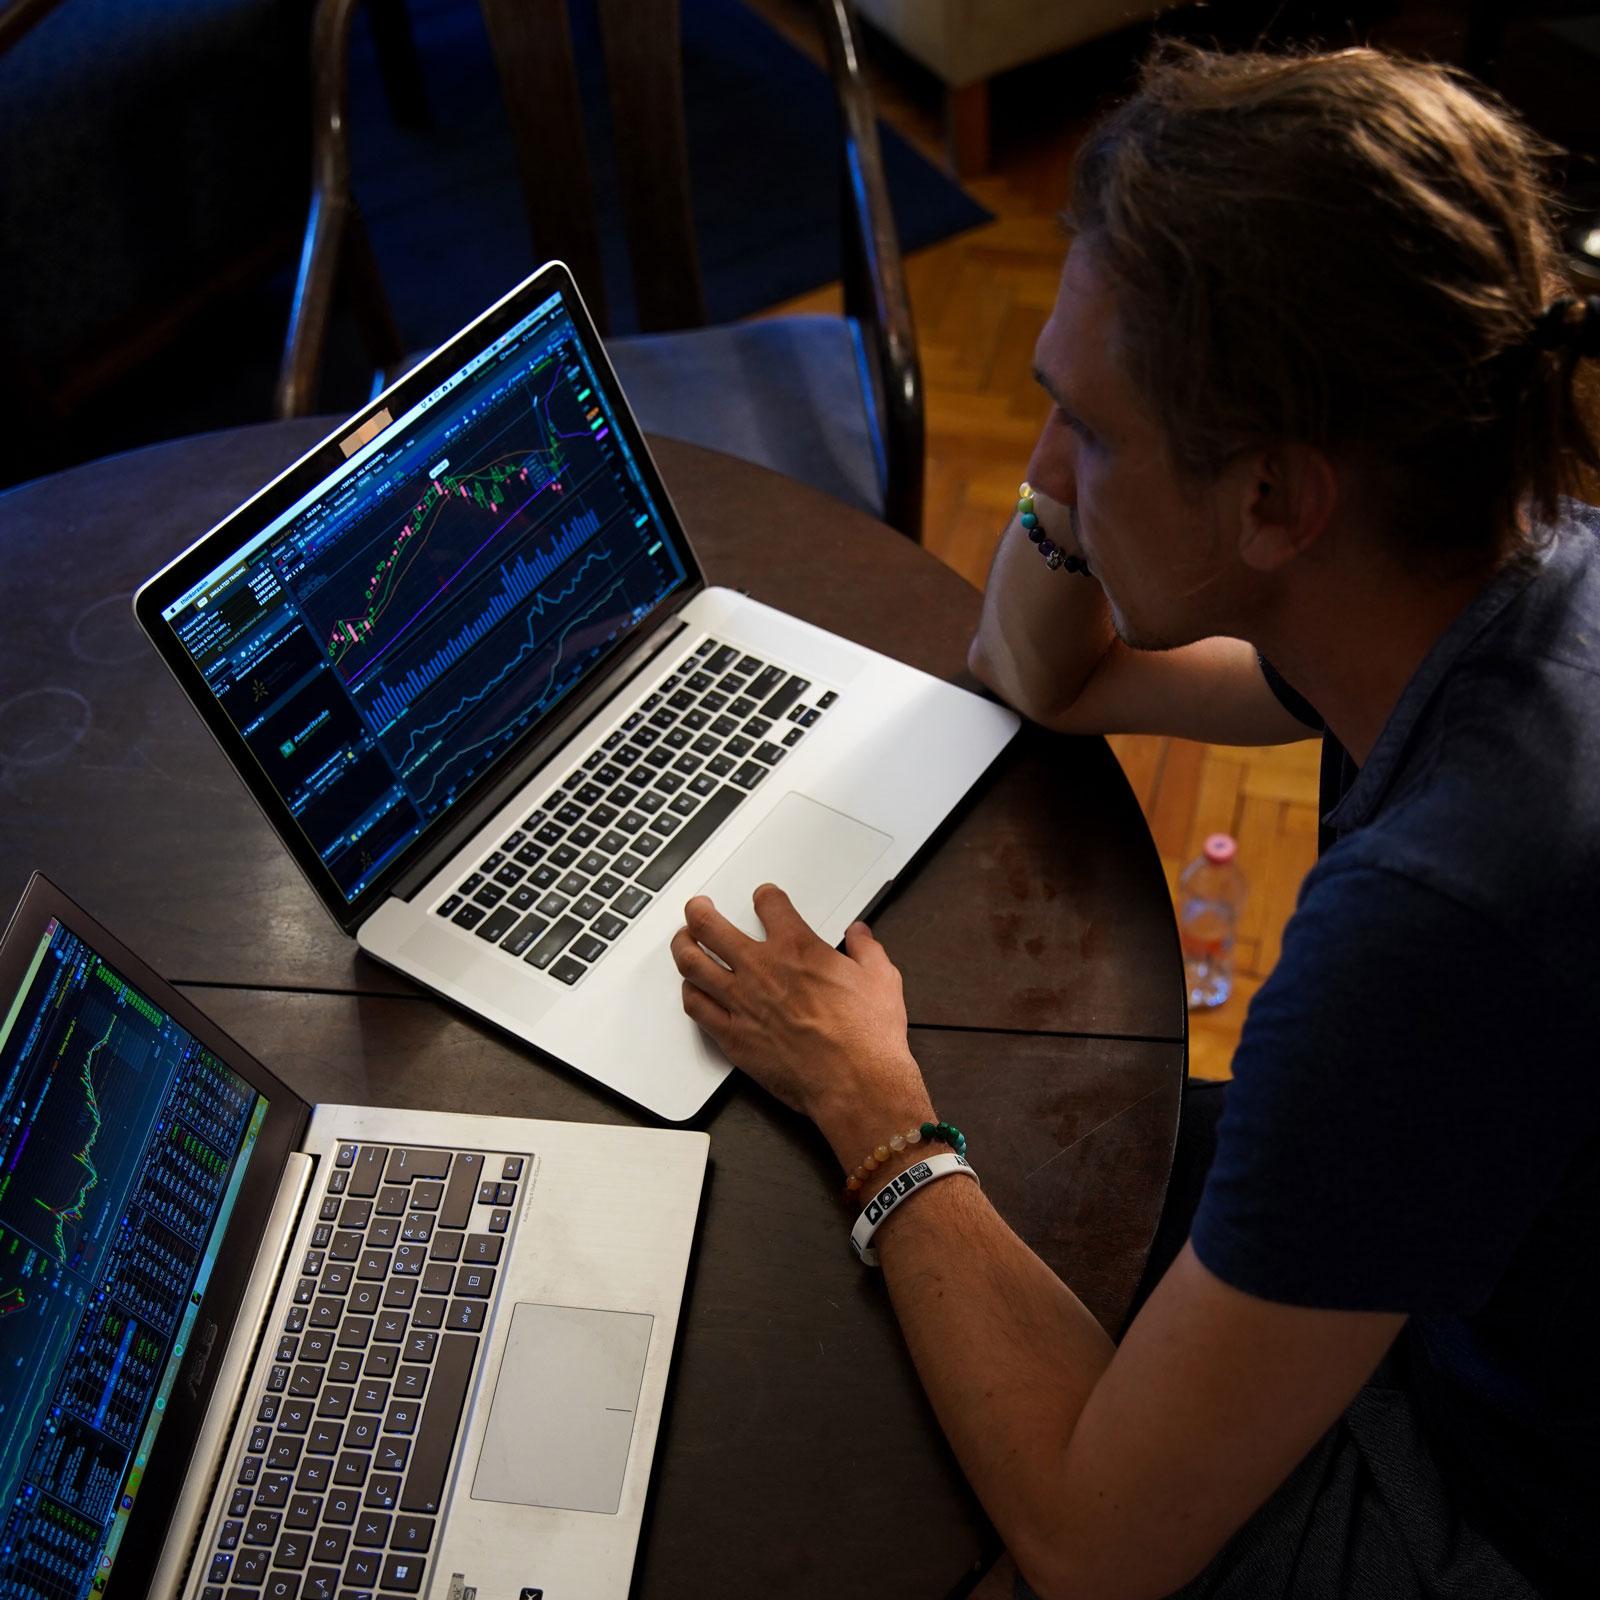 Schwankungen des Aktienmarkts können schlaflose Nächte bereiten.